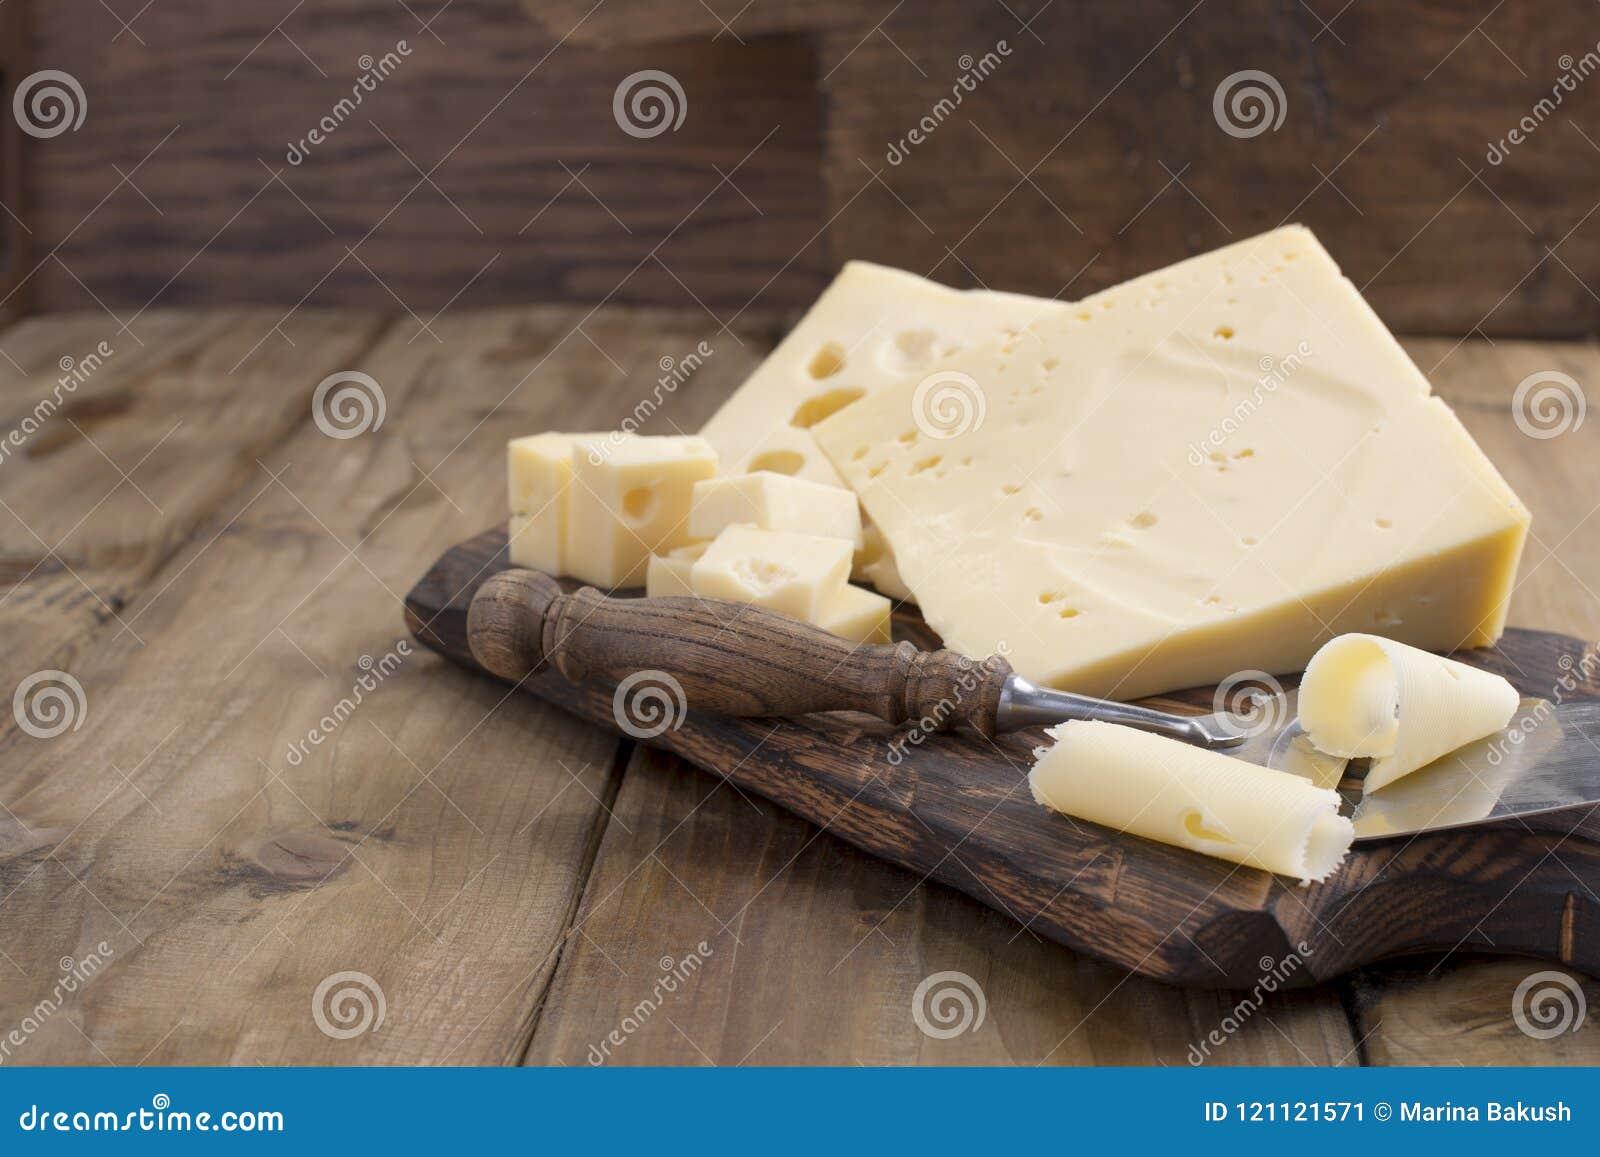 Un beau fromage suisse avec des trous, des laitages utiles Nourriture savoureuse Photo de style campagnard Place pour le texte Co